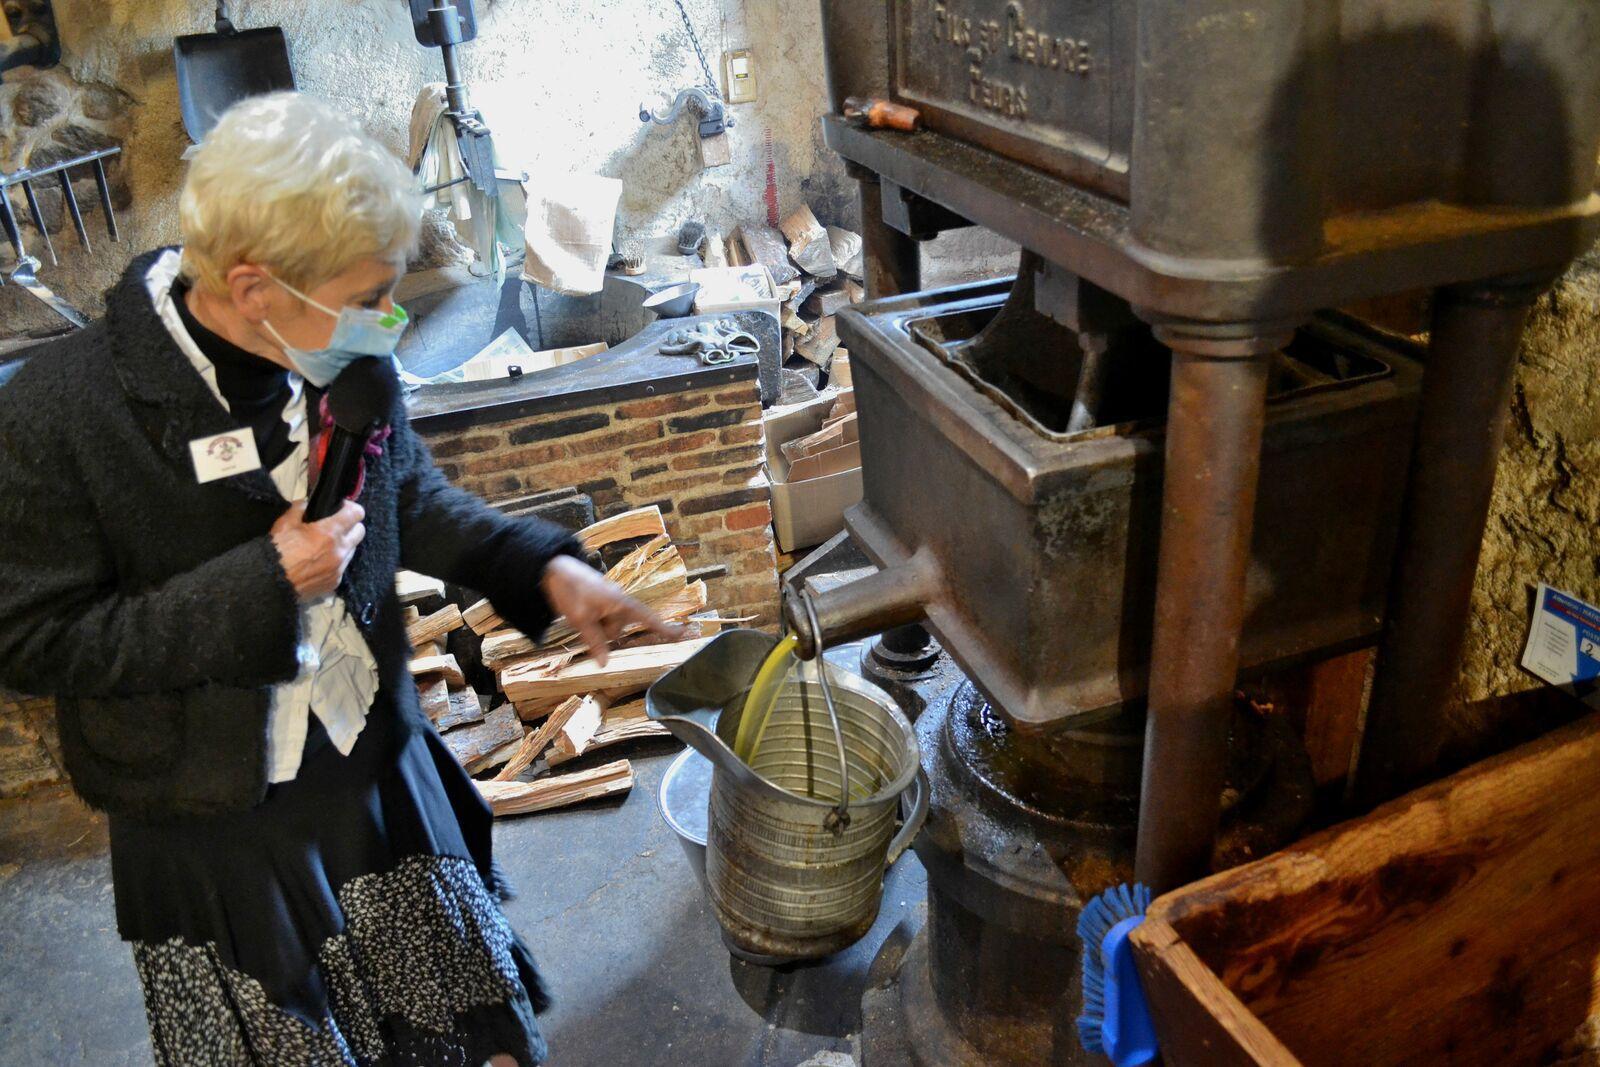 L'élaboration de l'huile de noisette au moulin des Massons...